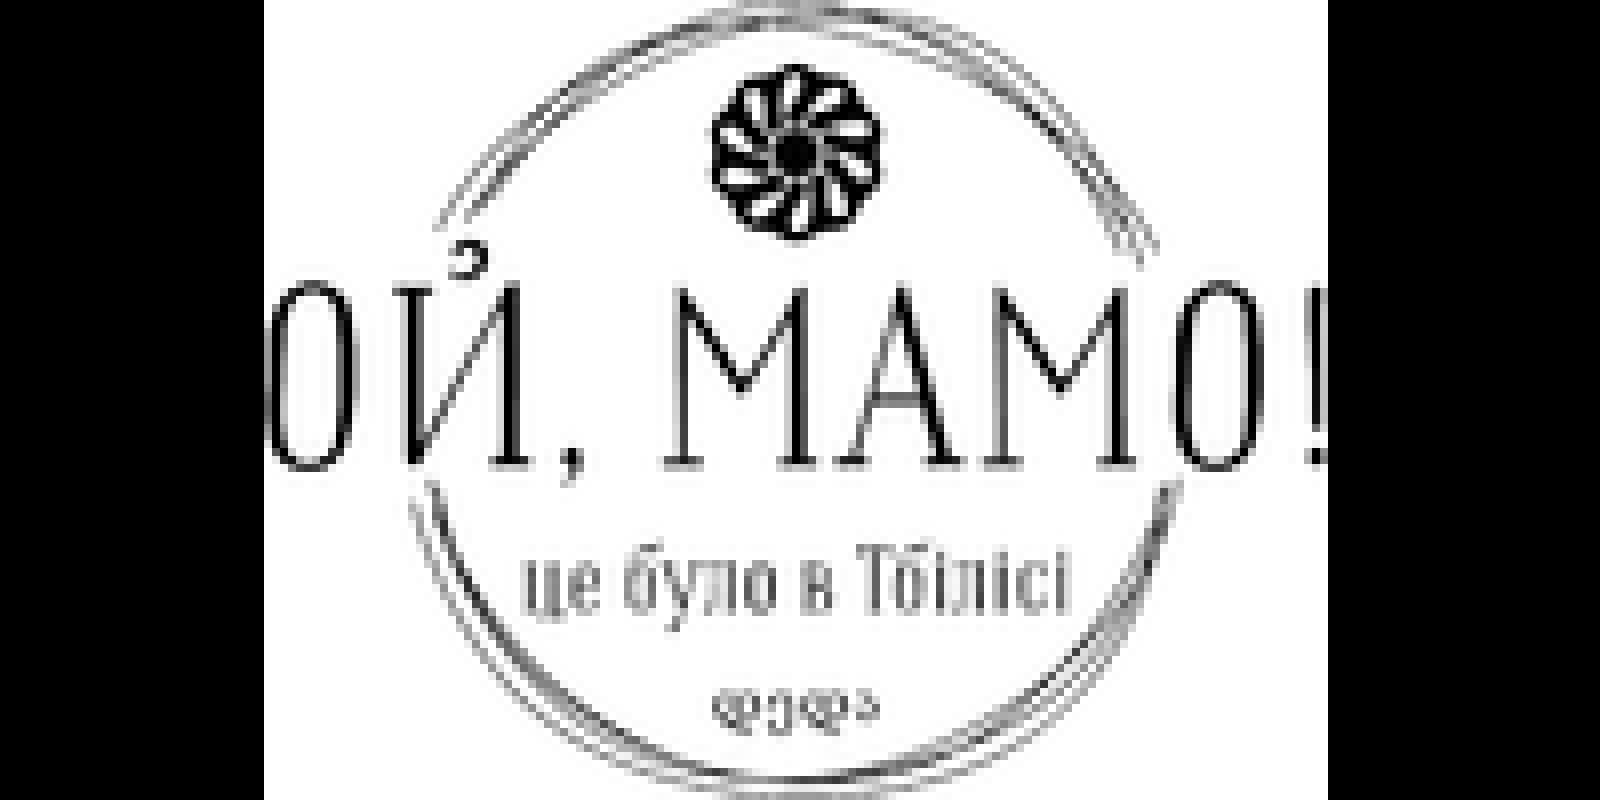 Хостесс. Ресторан «Ой, мамо! Це було в Тбілісі». Киев